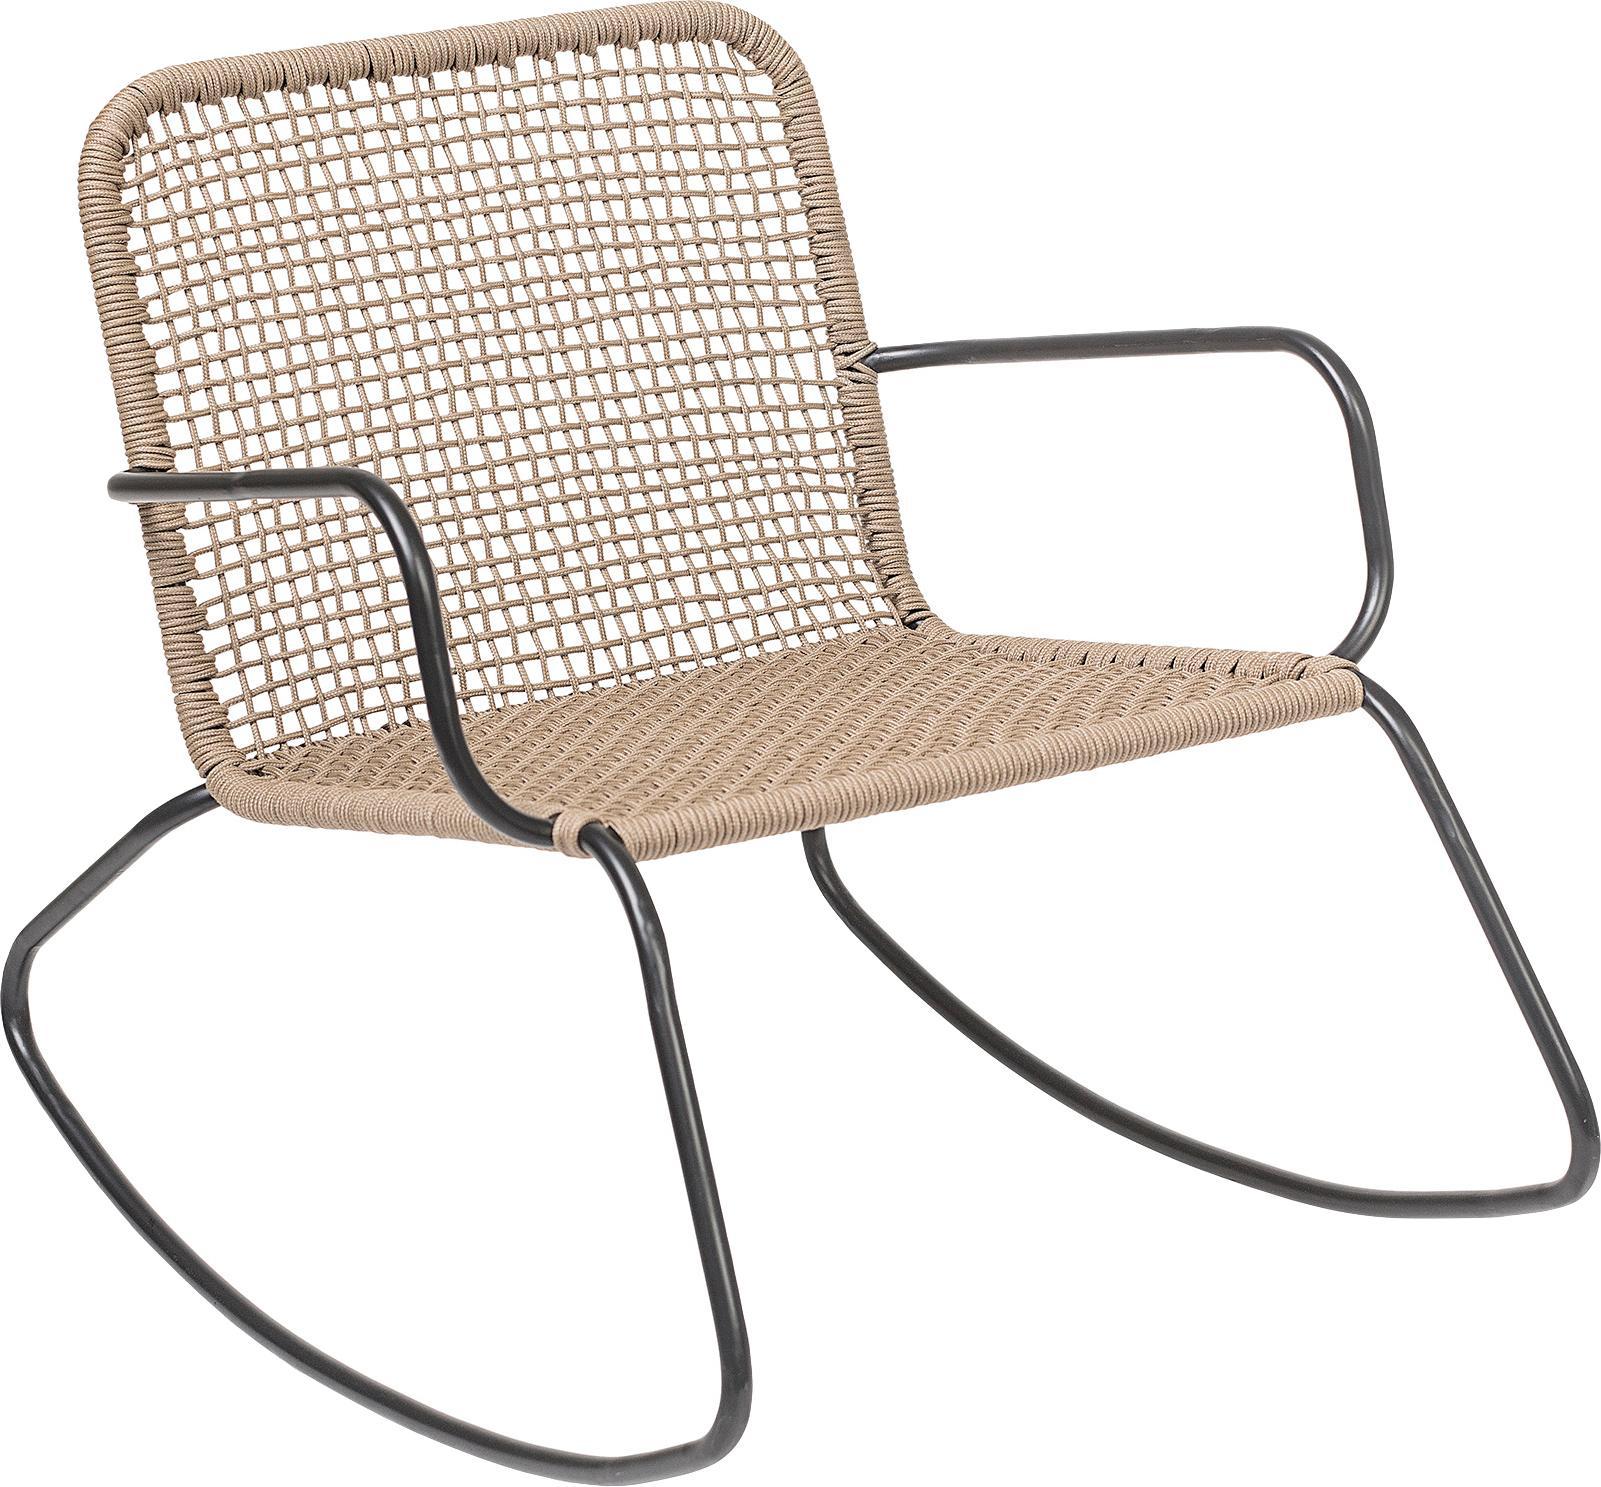 Sedia a dondolo con intreccio in plastica Mundo, Struttura: metallo verniciato a polv, Seduta: polietilene, Nero, beige, Larg. 73 x Prof. 89 cm